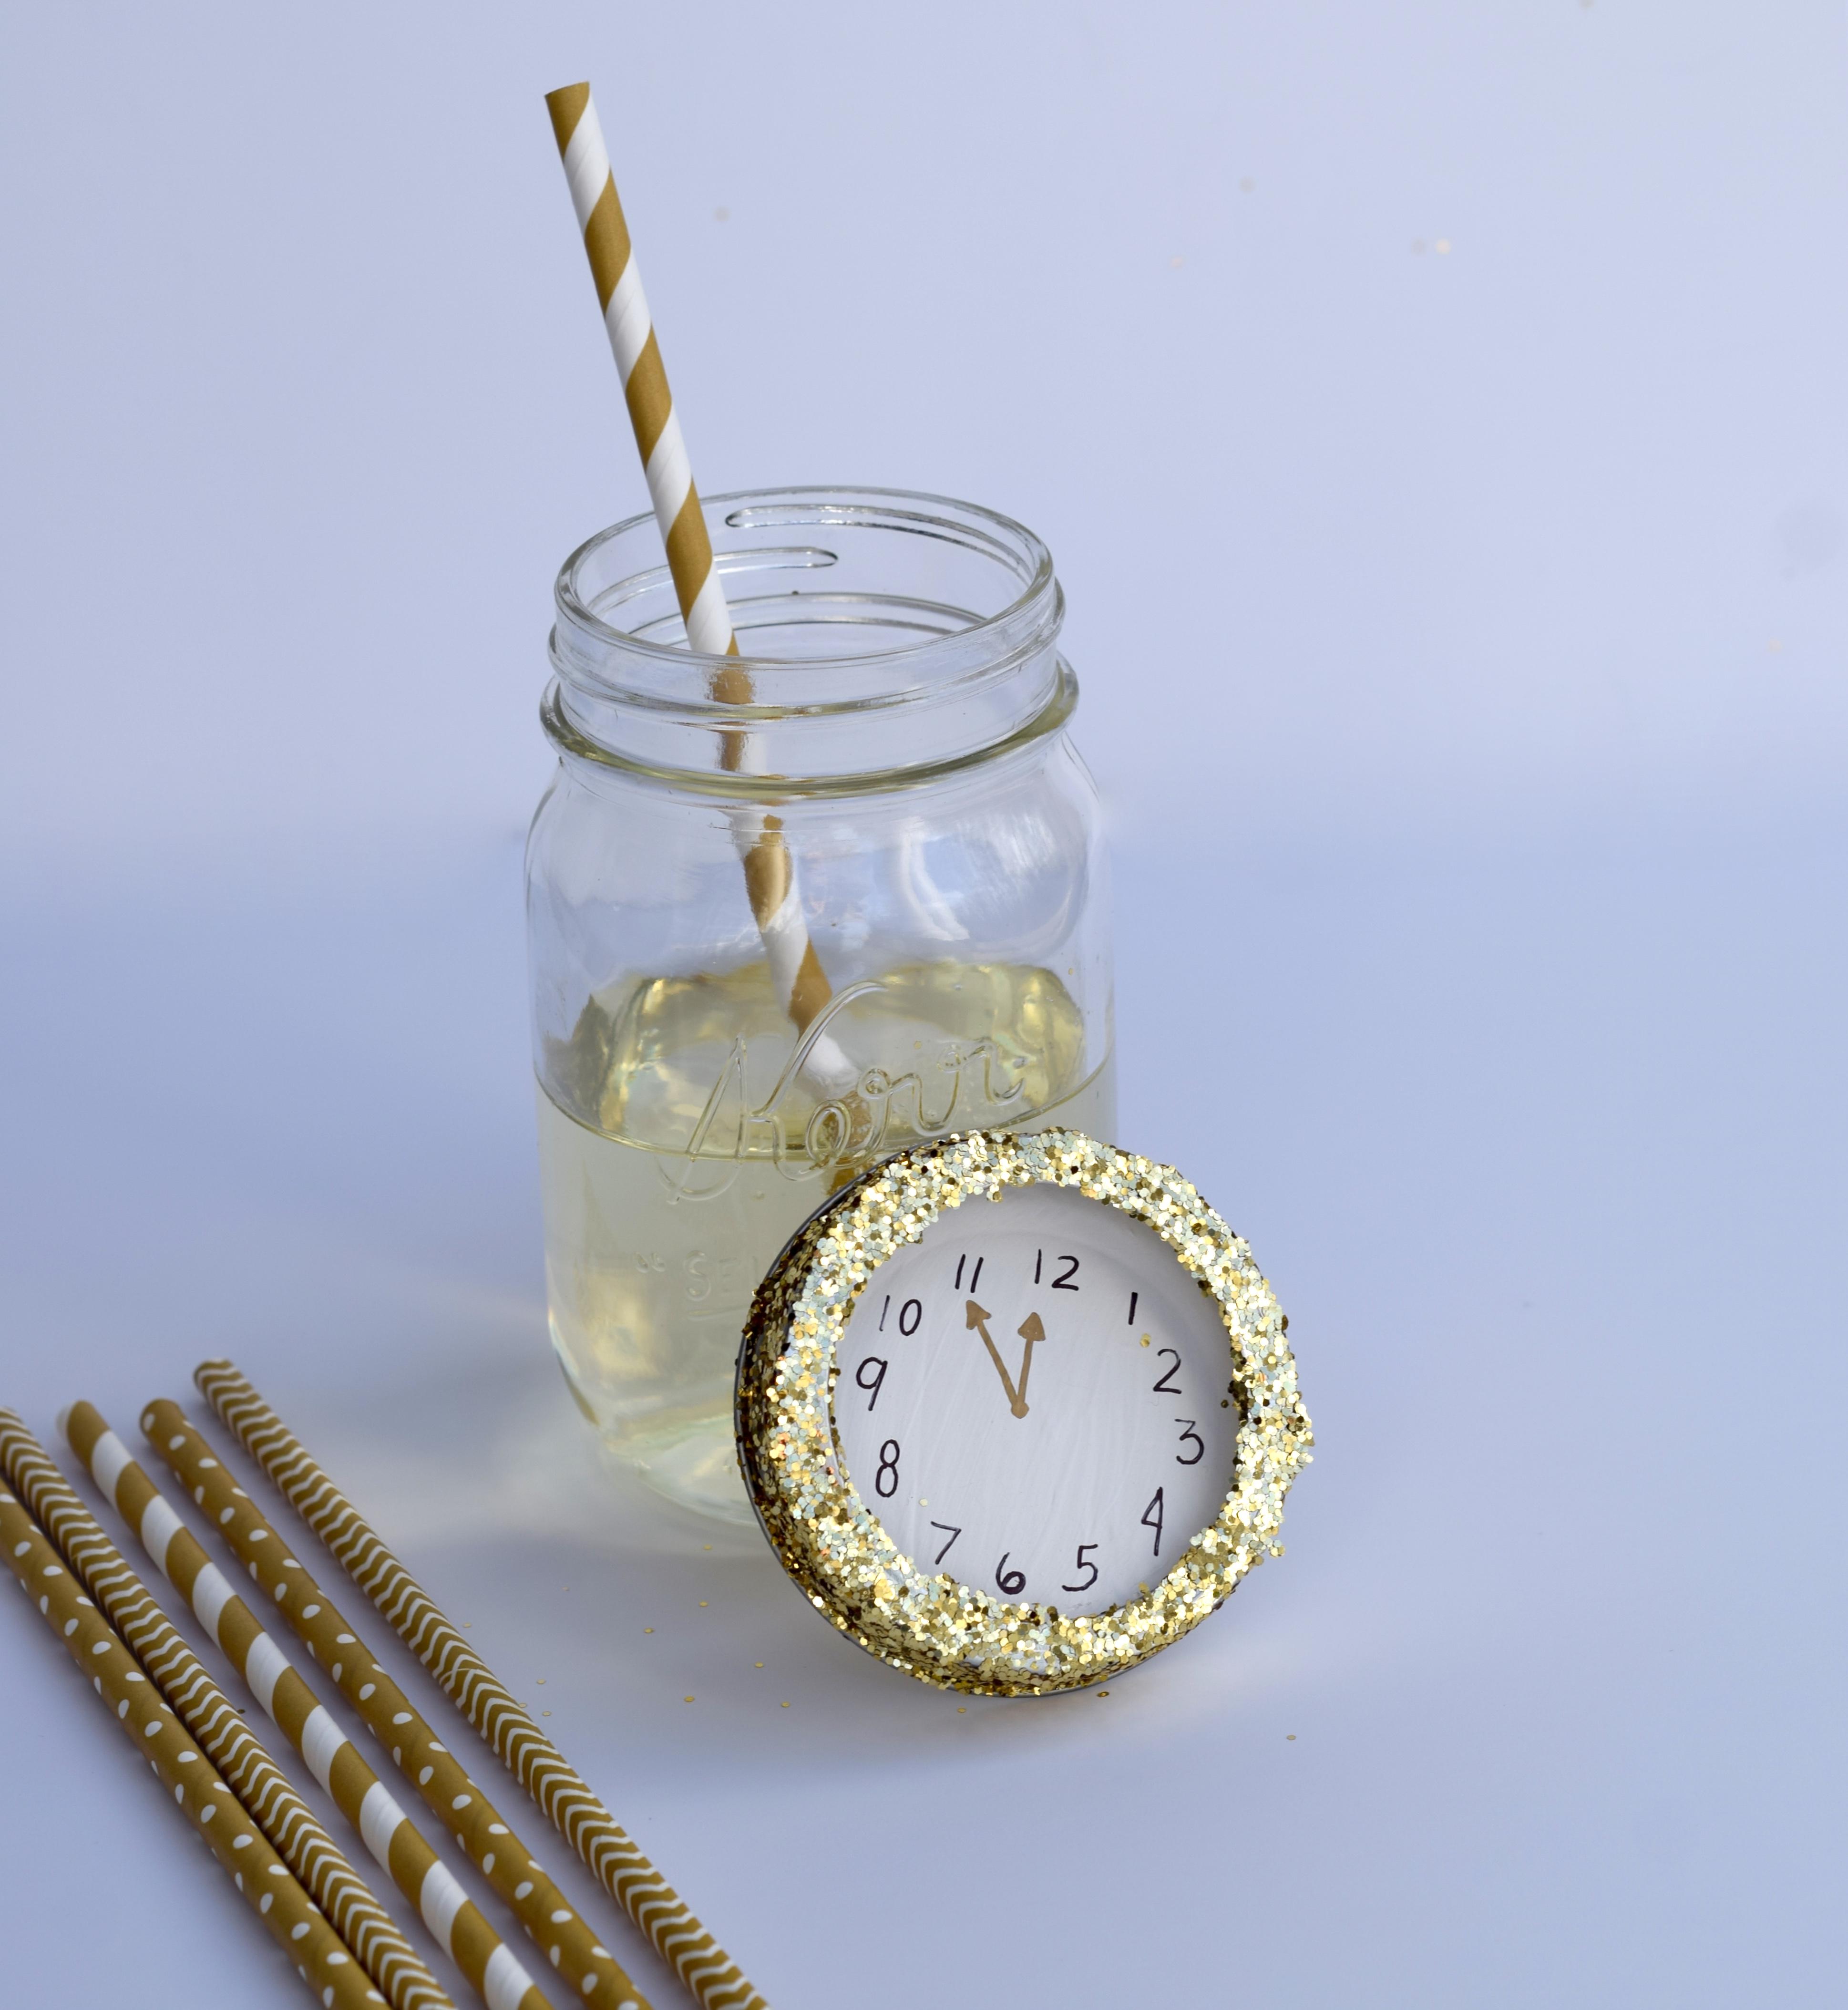 DIY NYE Champagne Glasses